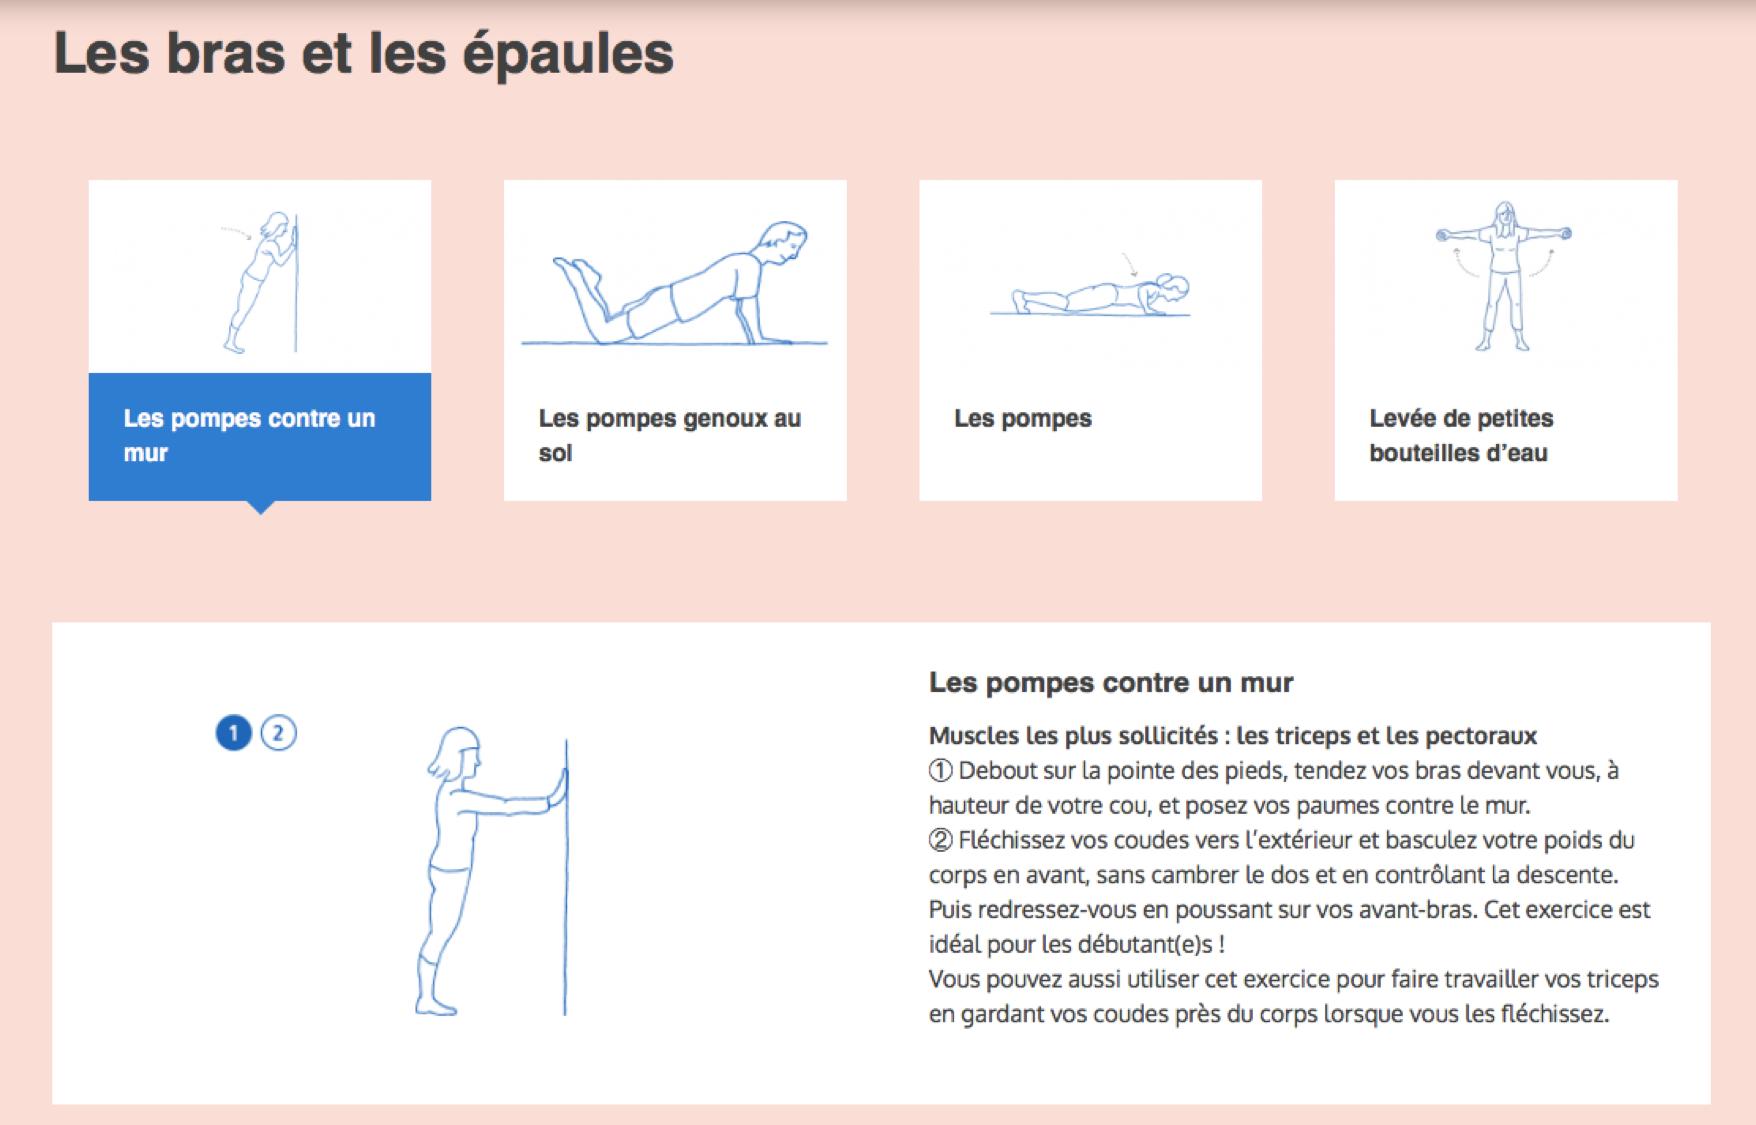 Exercice des épaules et des bras. Source : manger-bouger.fr